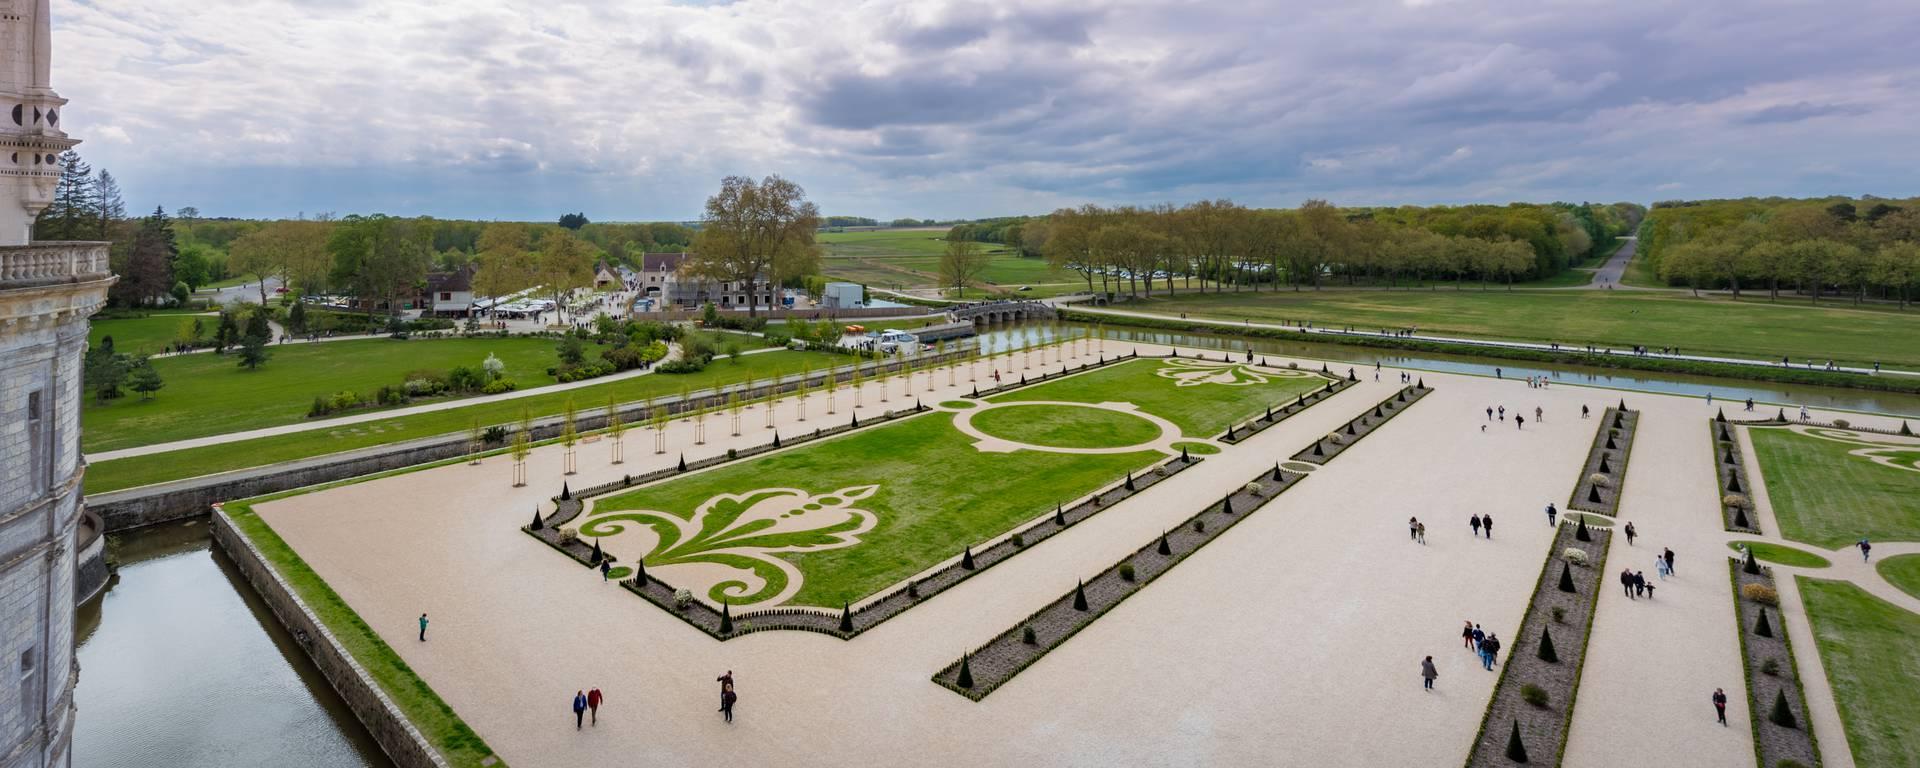 Jardines de Chambord desde el cielo